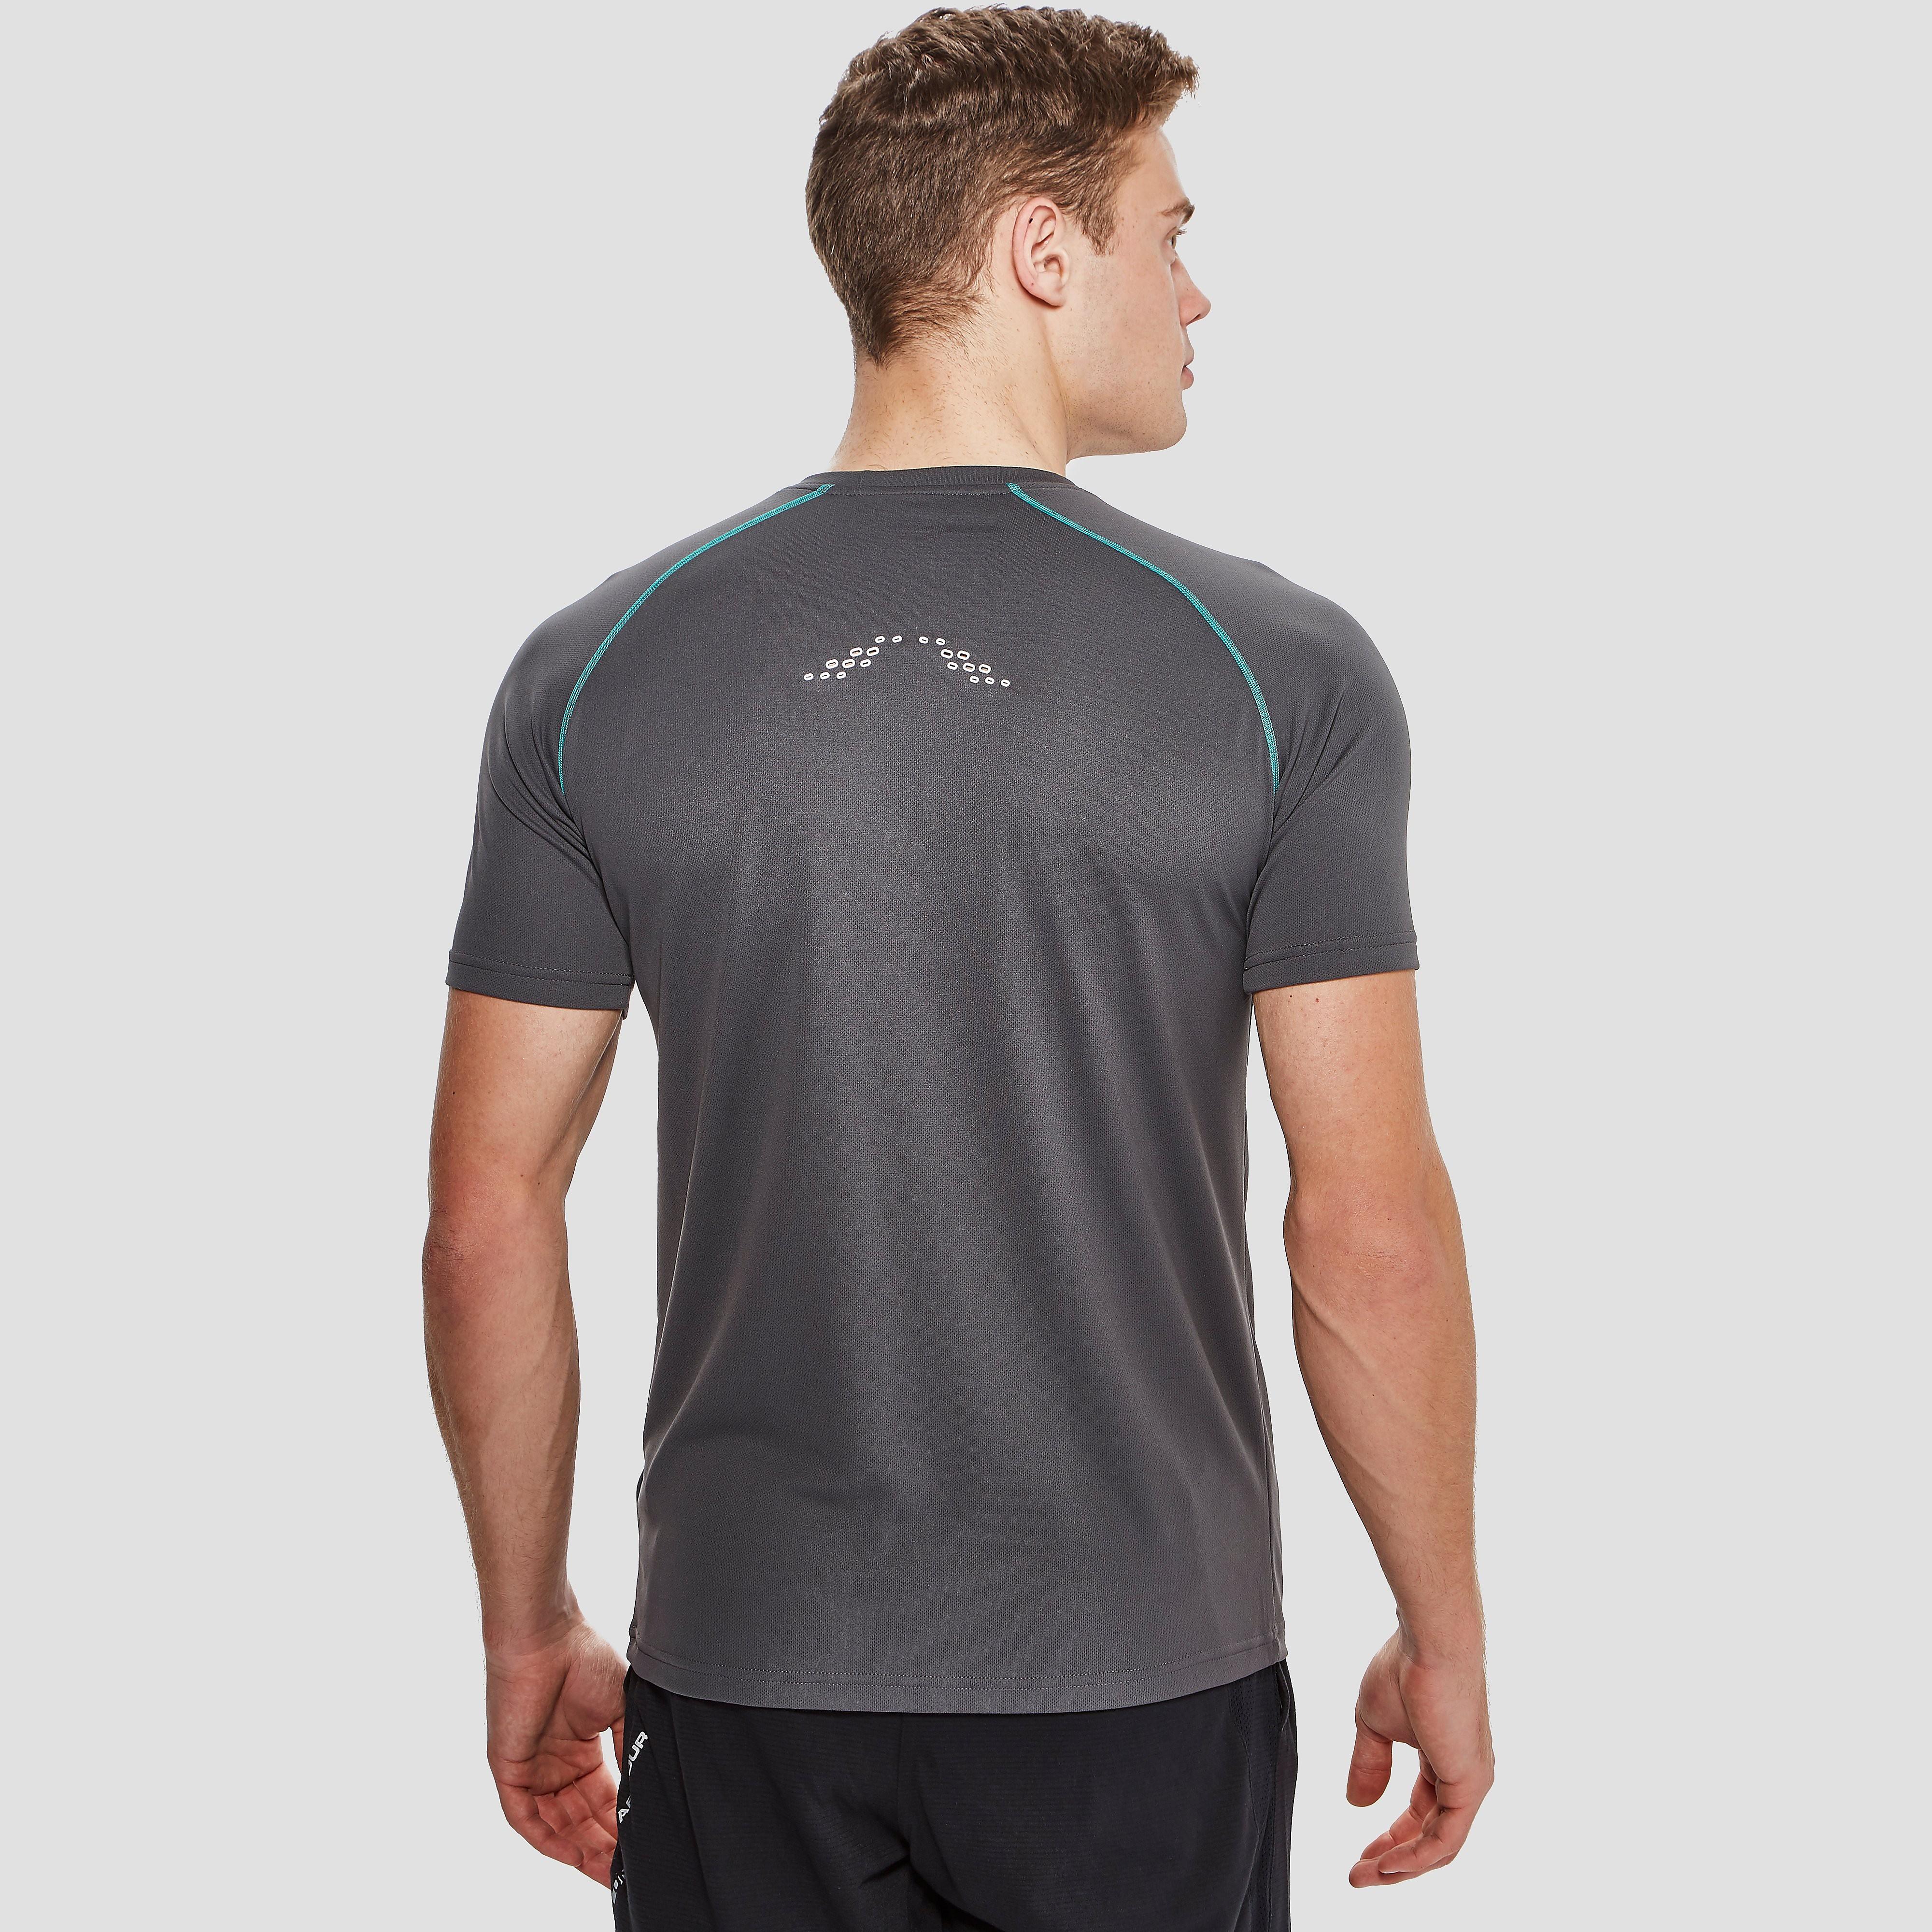 Helly Hansen Pace Cool Lifa Flow Men's Running T-Shirt